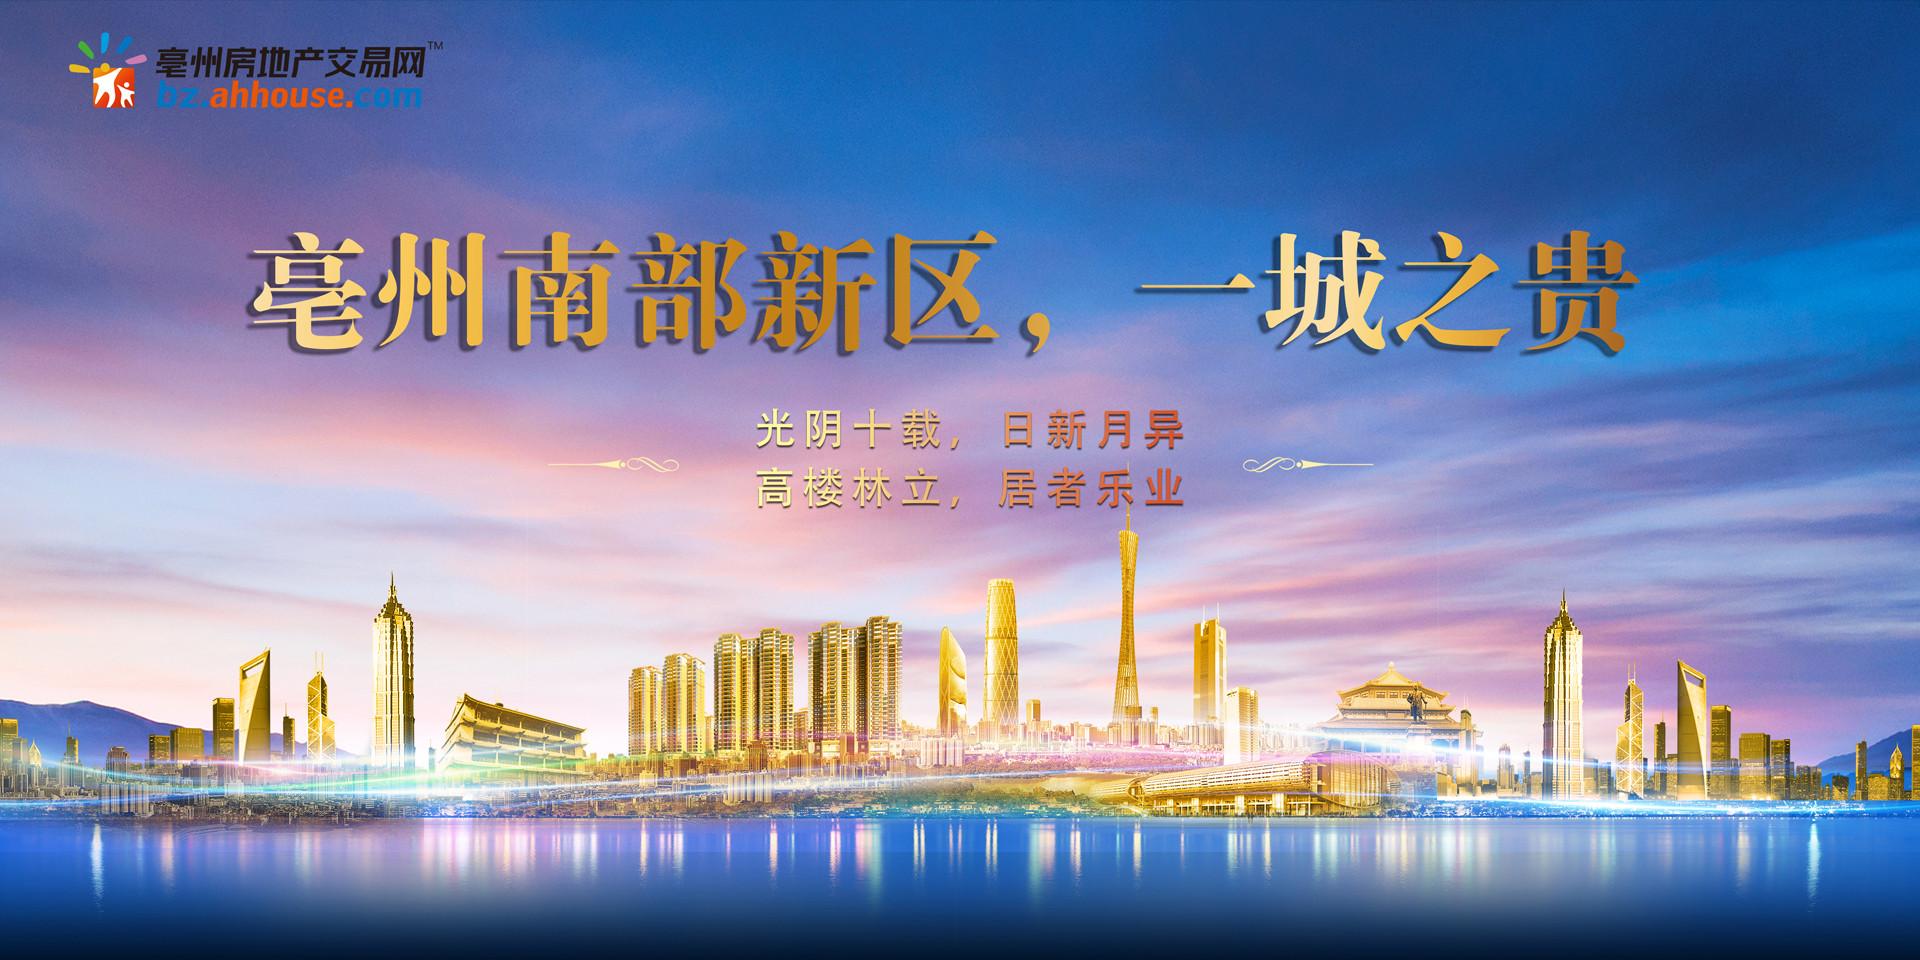 亳州城南腾飞发展,成就一城之贵